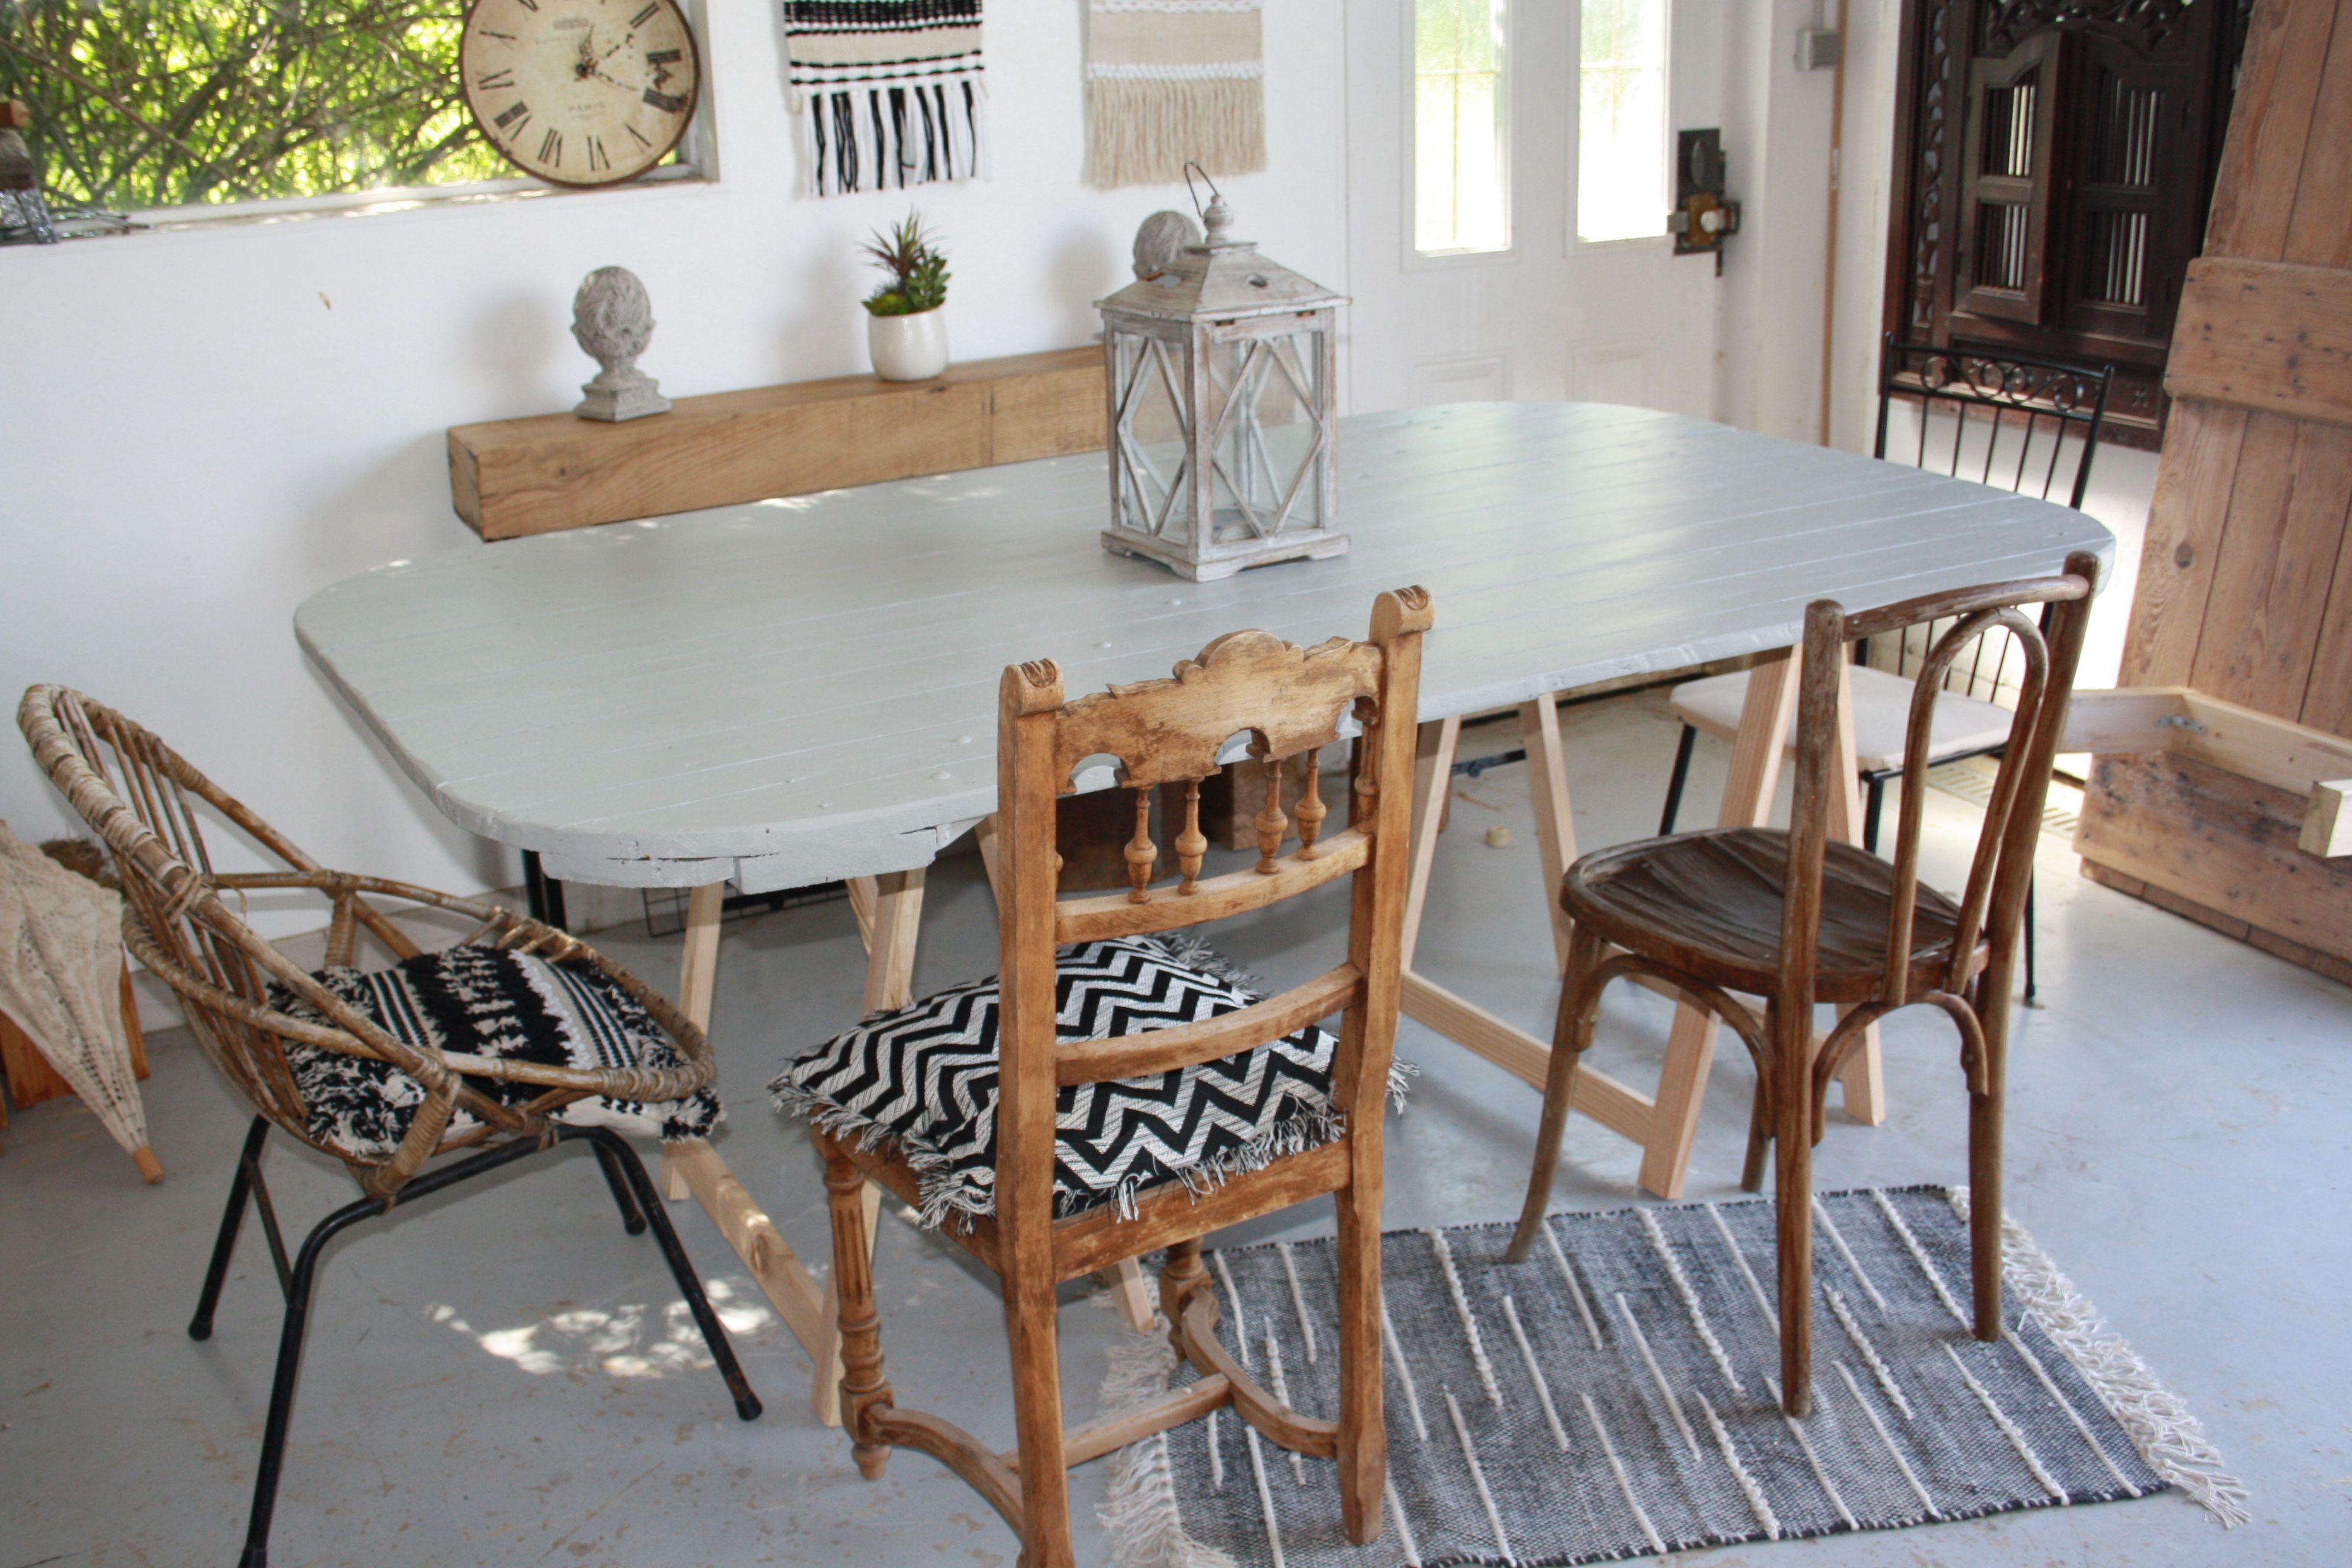 Creation Diy D Une Table Avec Un Vieux Volets De Grange A Vendre Sur Mon Site Mobilier De Salon Meubles En Bois Table Salle A Manger